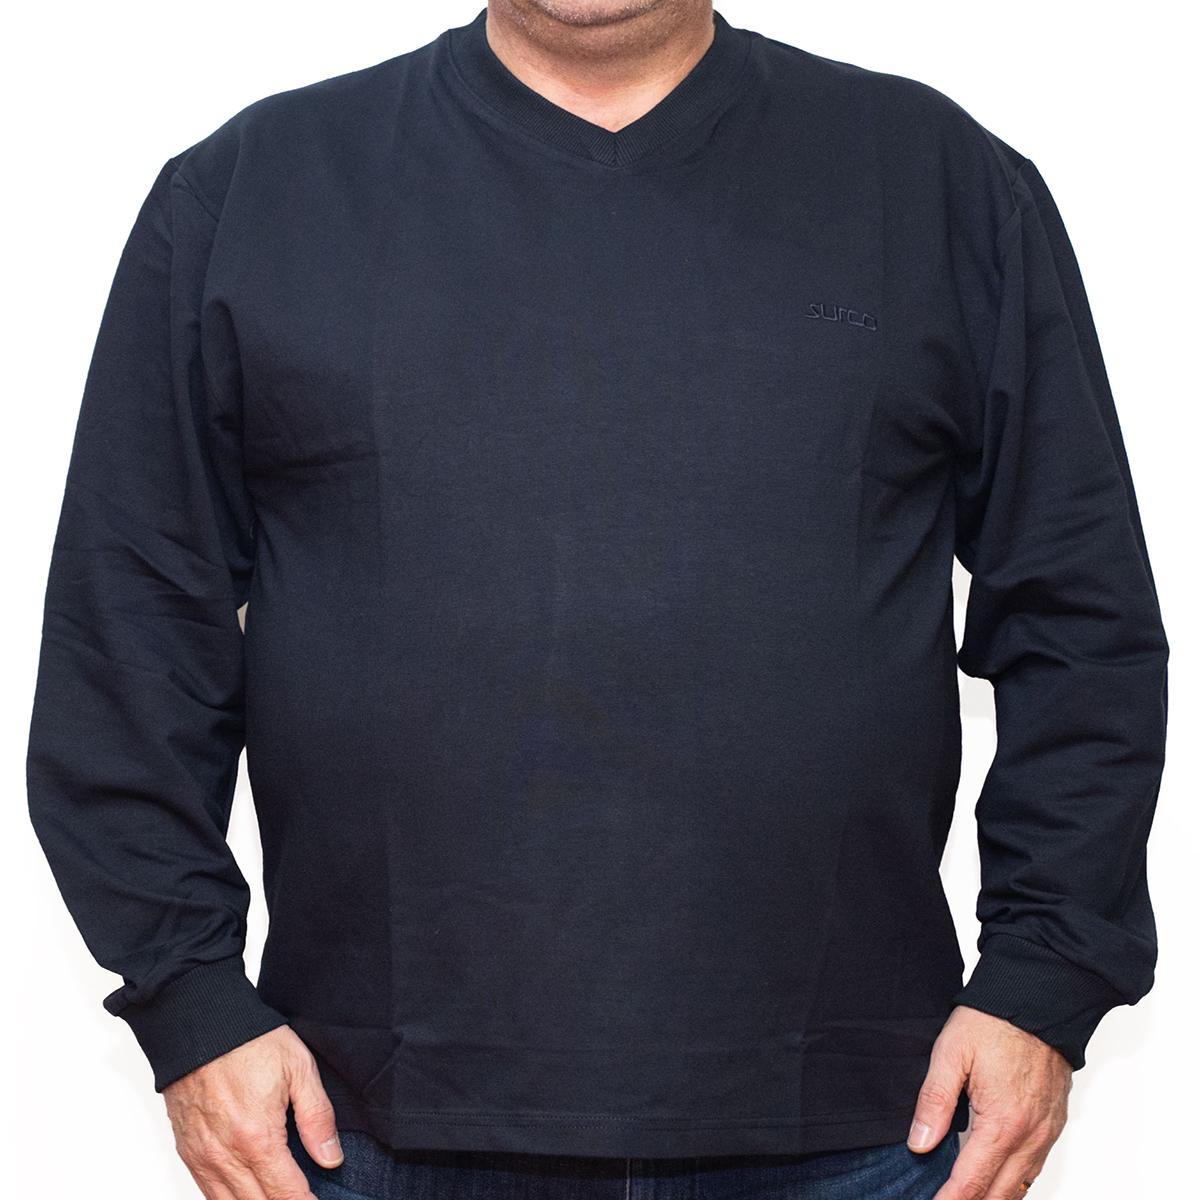 Bluza subtire neagra cu anchior , Marime 3XL - egato.ro